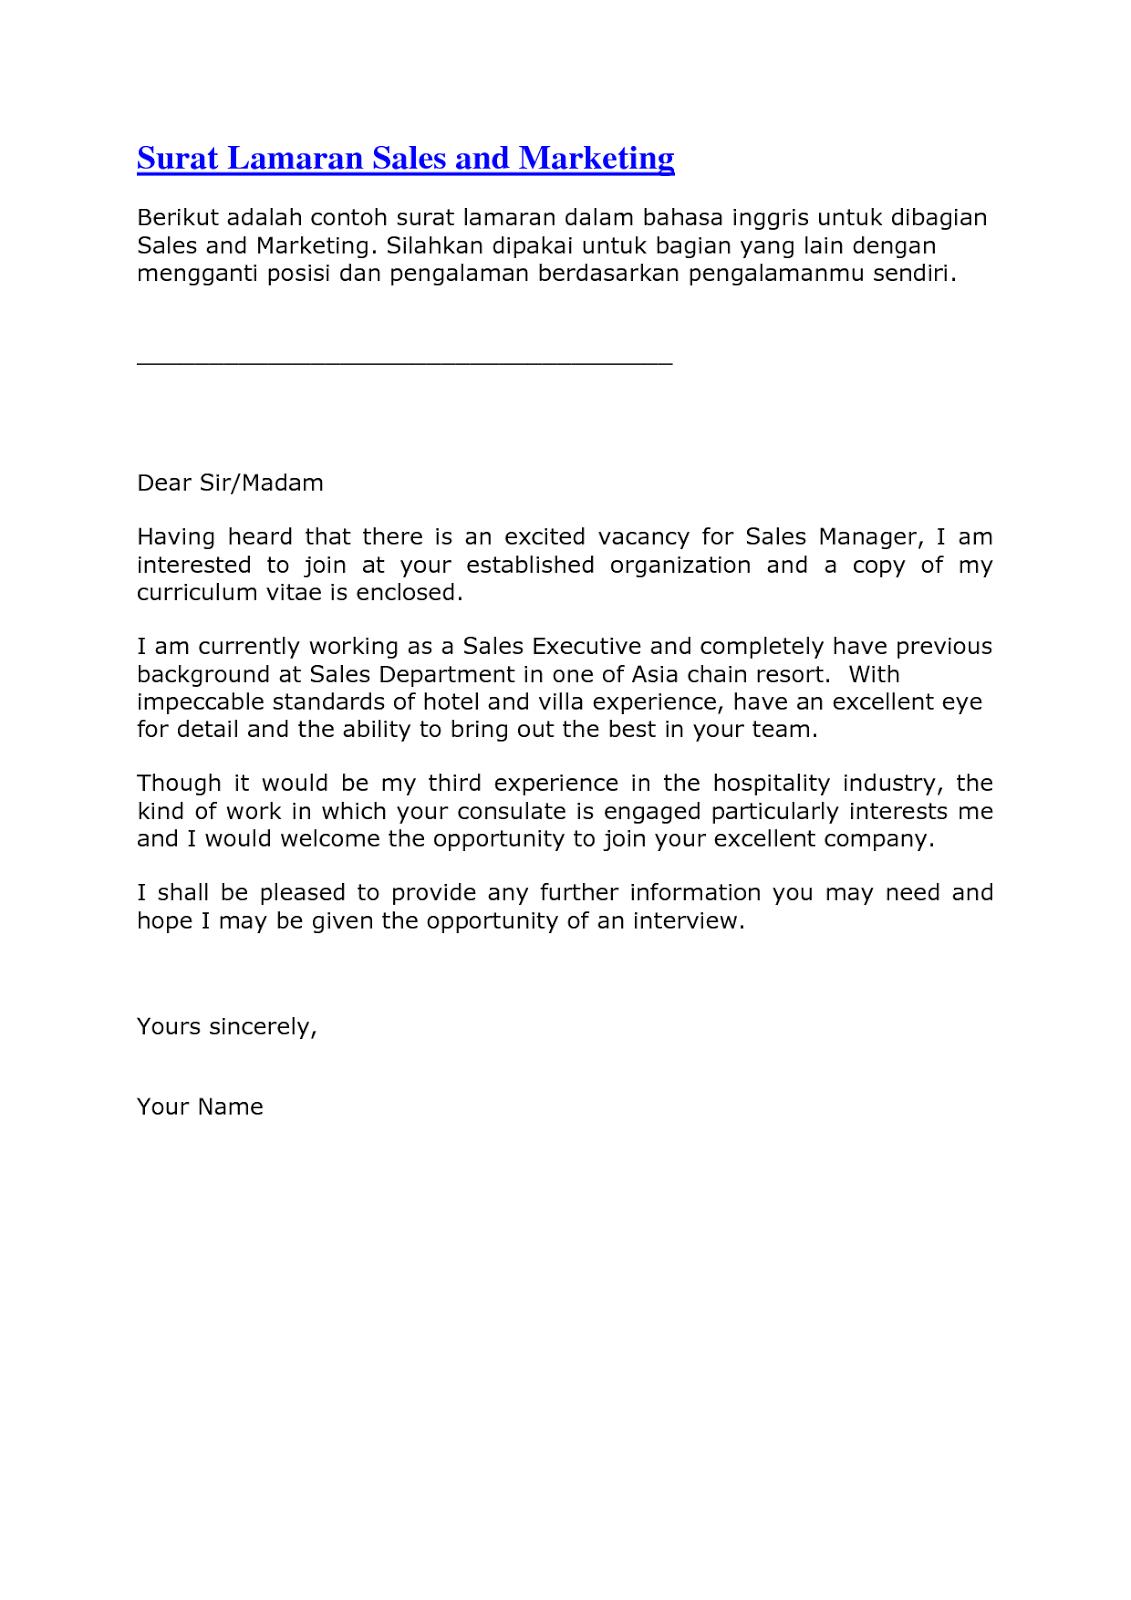 Surat Lamaran Pekerjaan Dalam Bahasa Inggris Dengan Artinya The